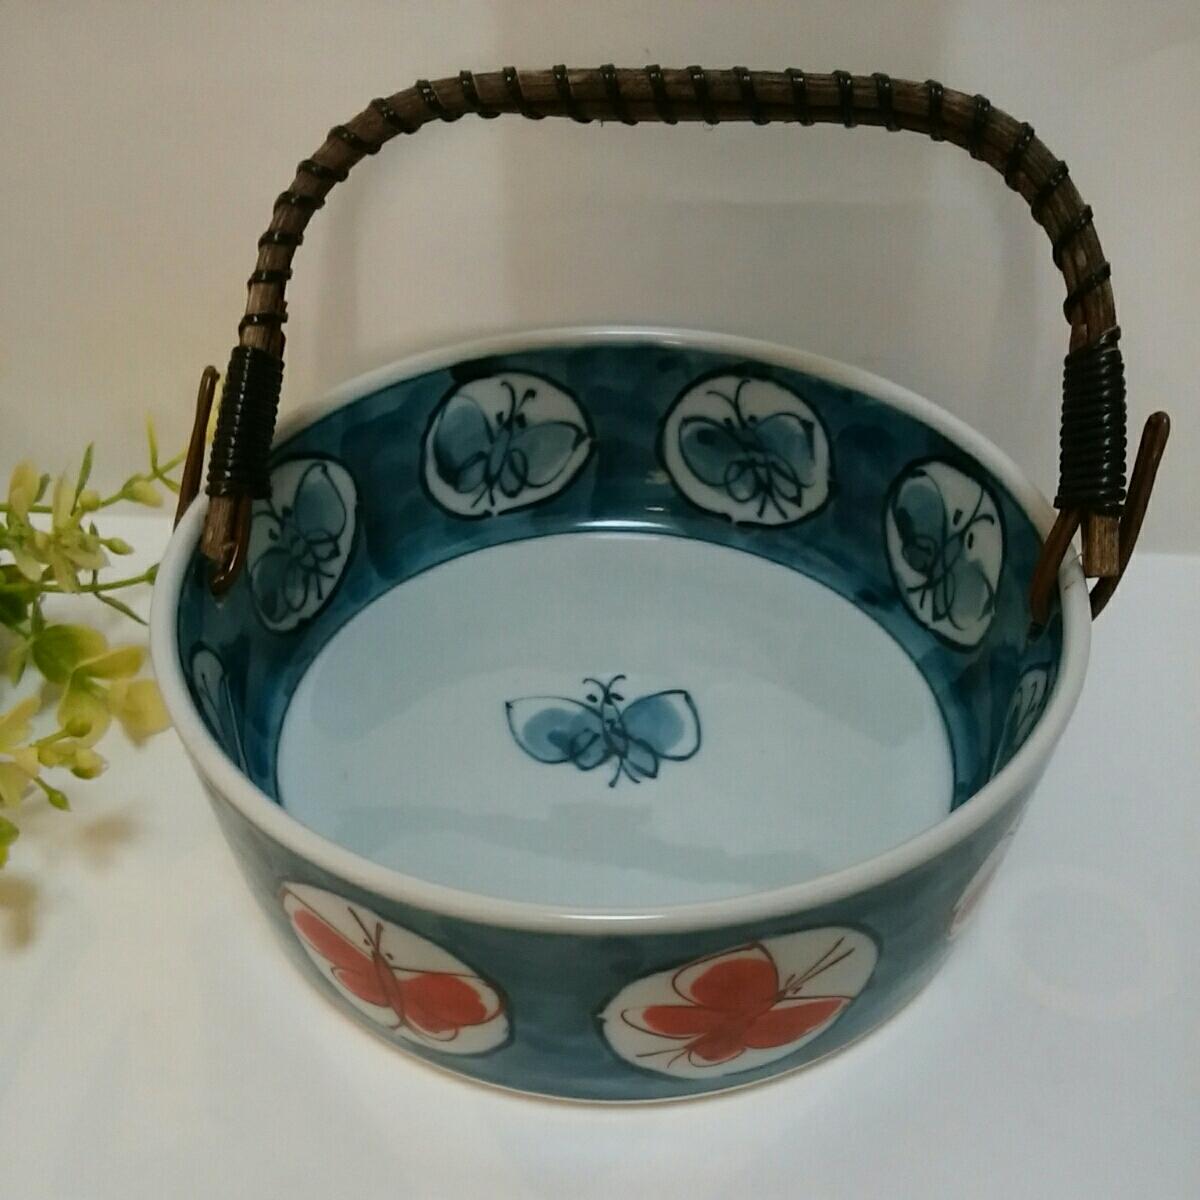 源右衛門 蝶々の蔓の手付き鉢 中古美品_画像1